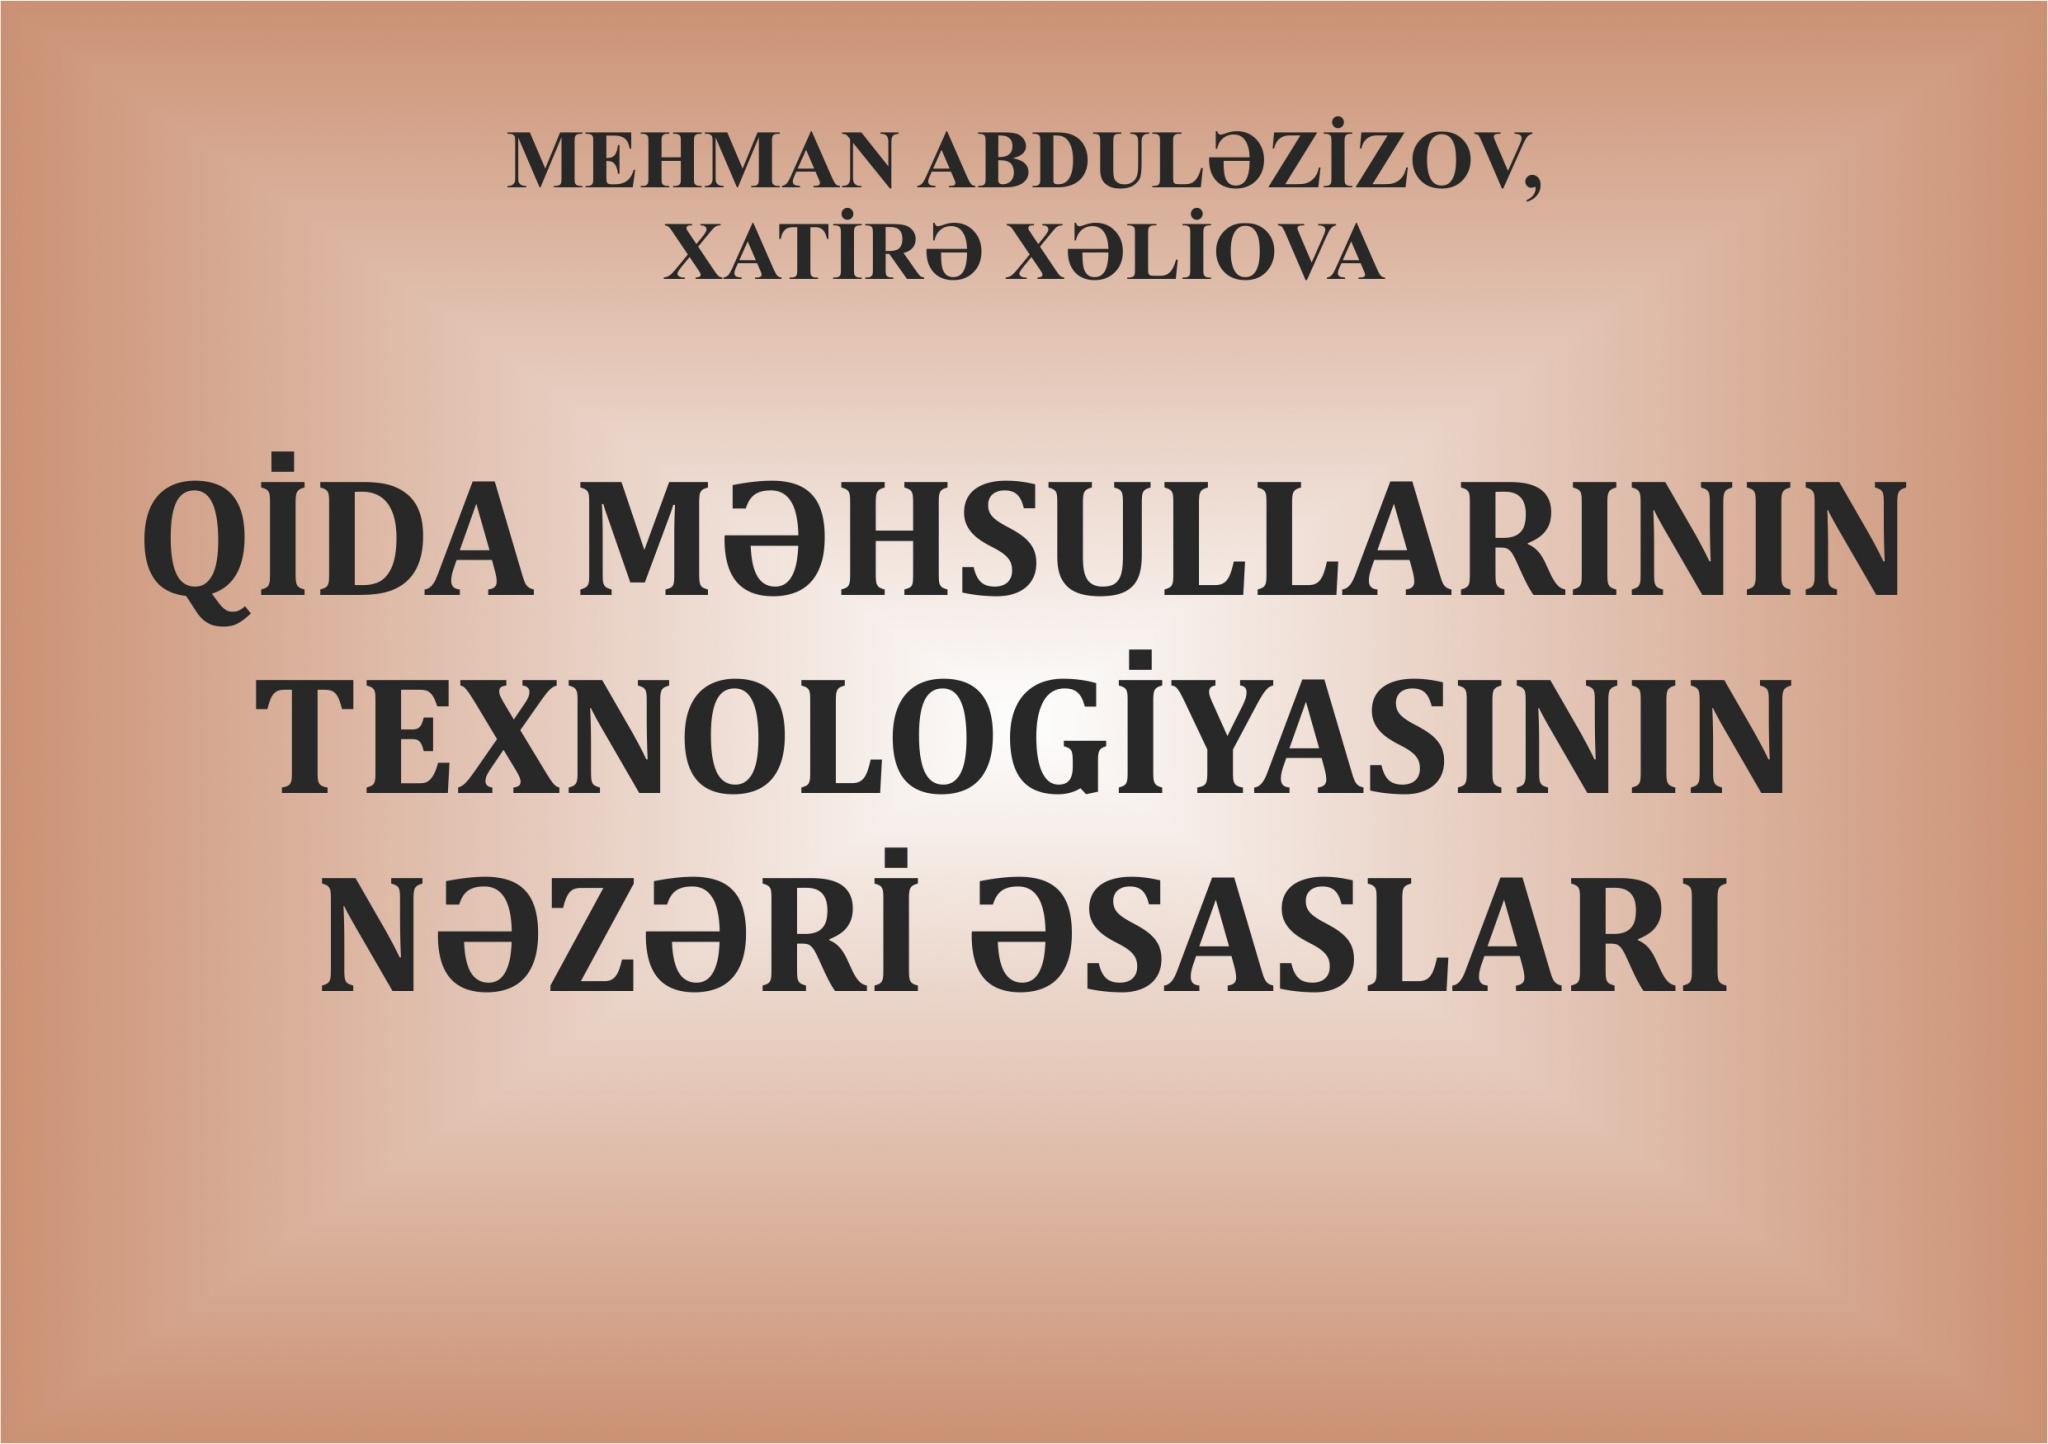 Qida  Məhsullarının  Texnologiyasının  Nəzəri  Əsasları